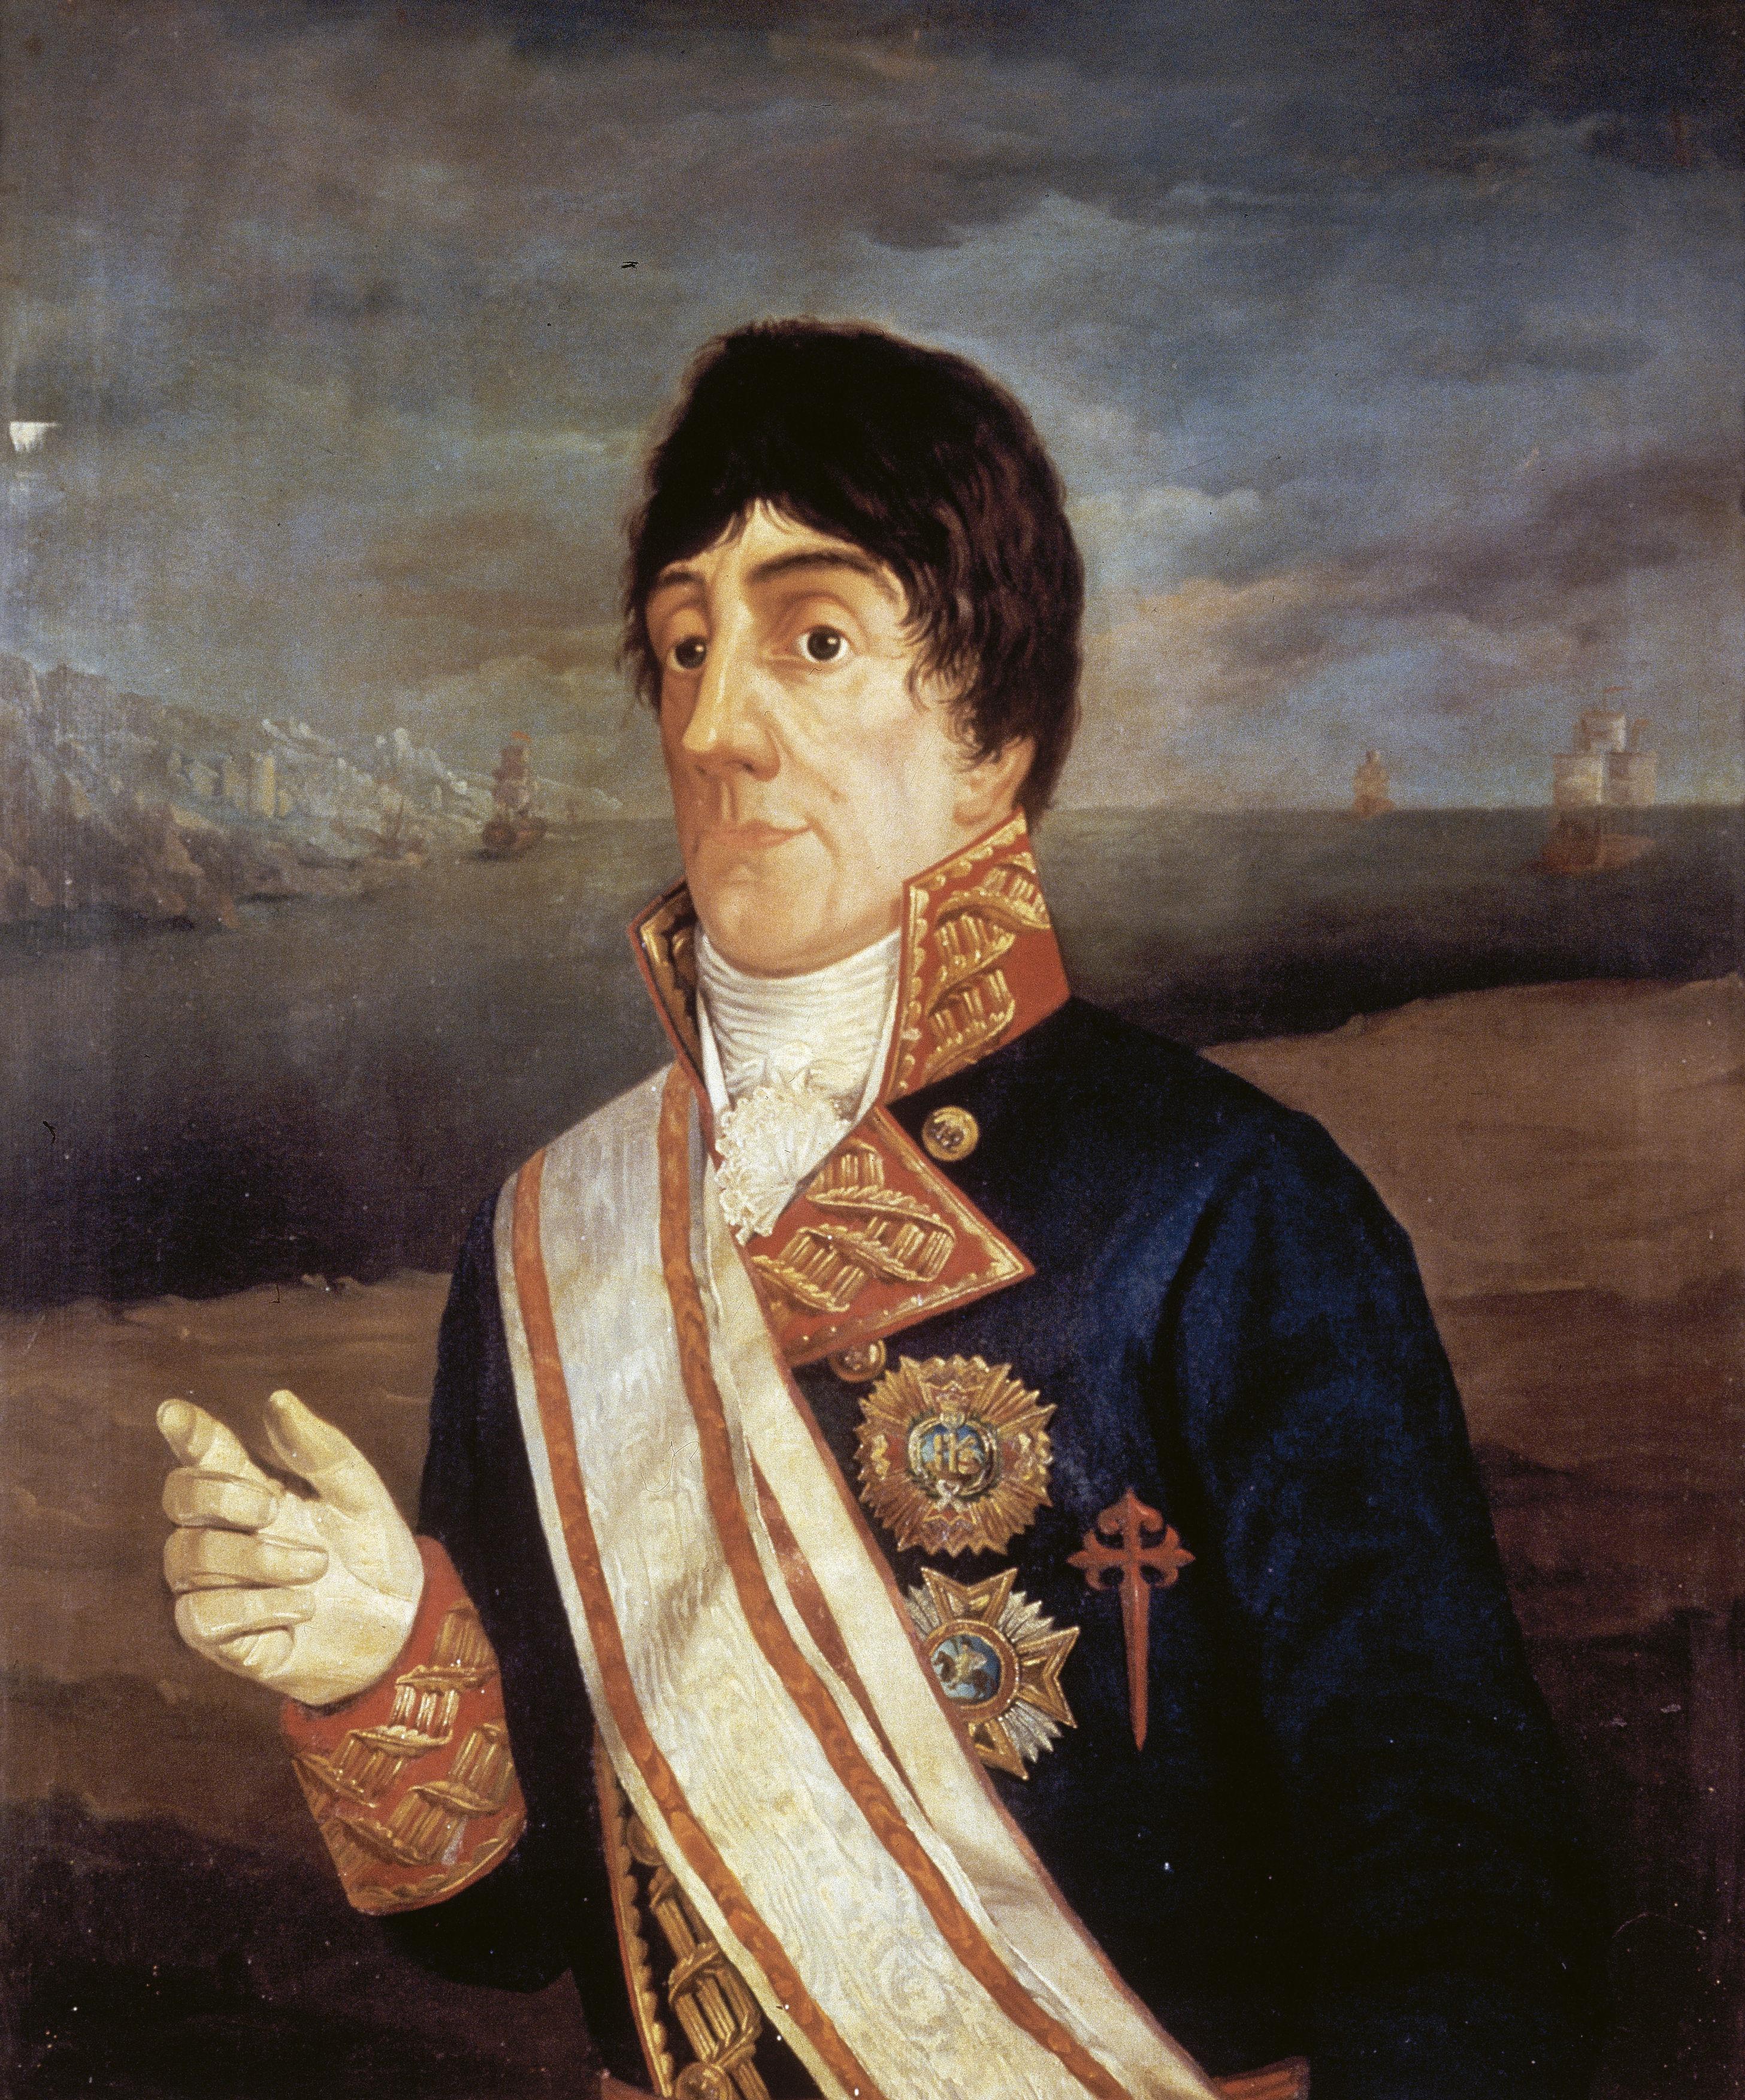 Retrato de José de Bustamante y Guerra. Imagen de Wikimedia Commons.